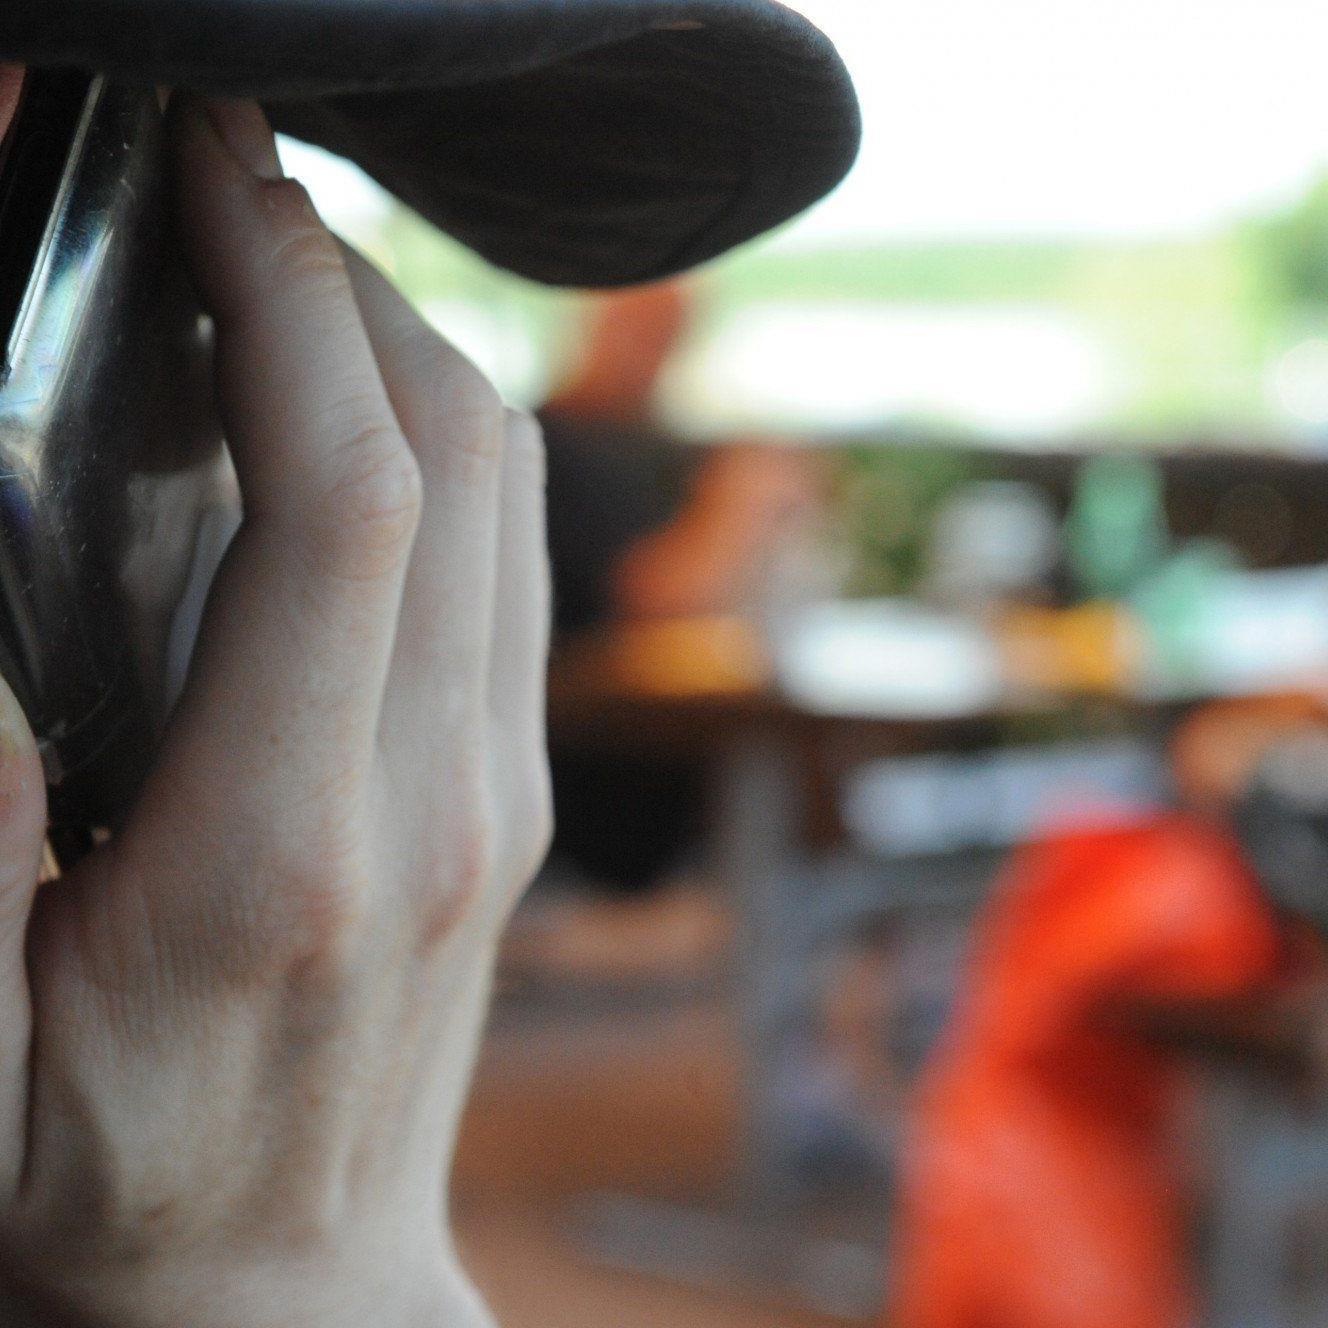 Steigende Handytarife lassen Emotionen hoch gehen